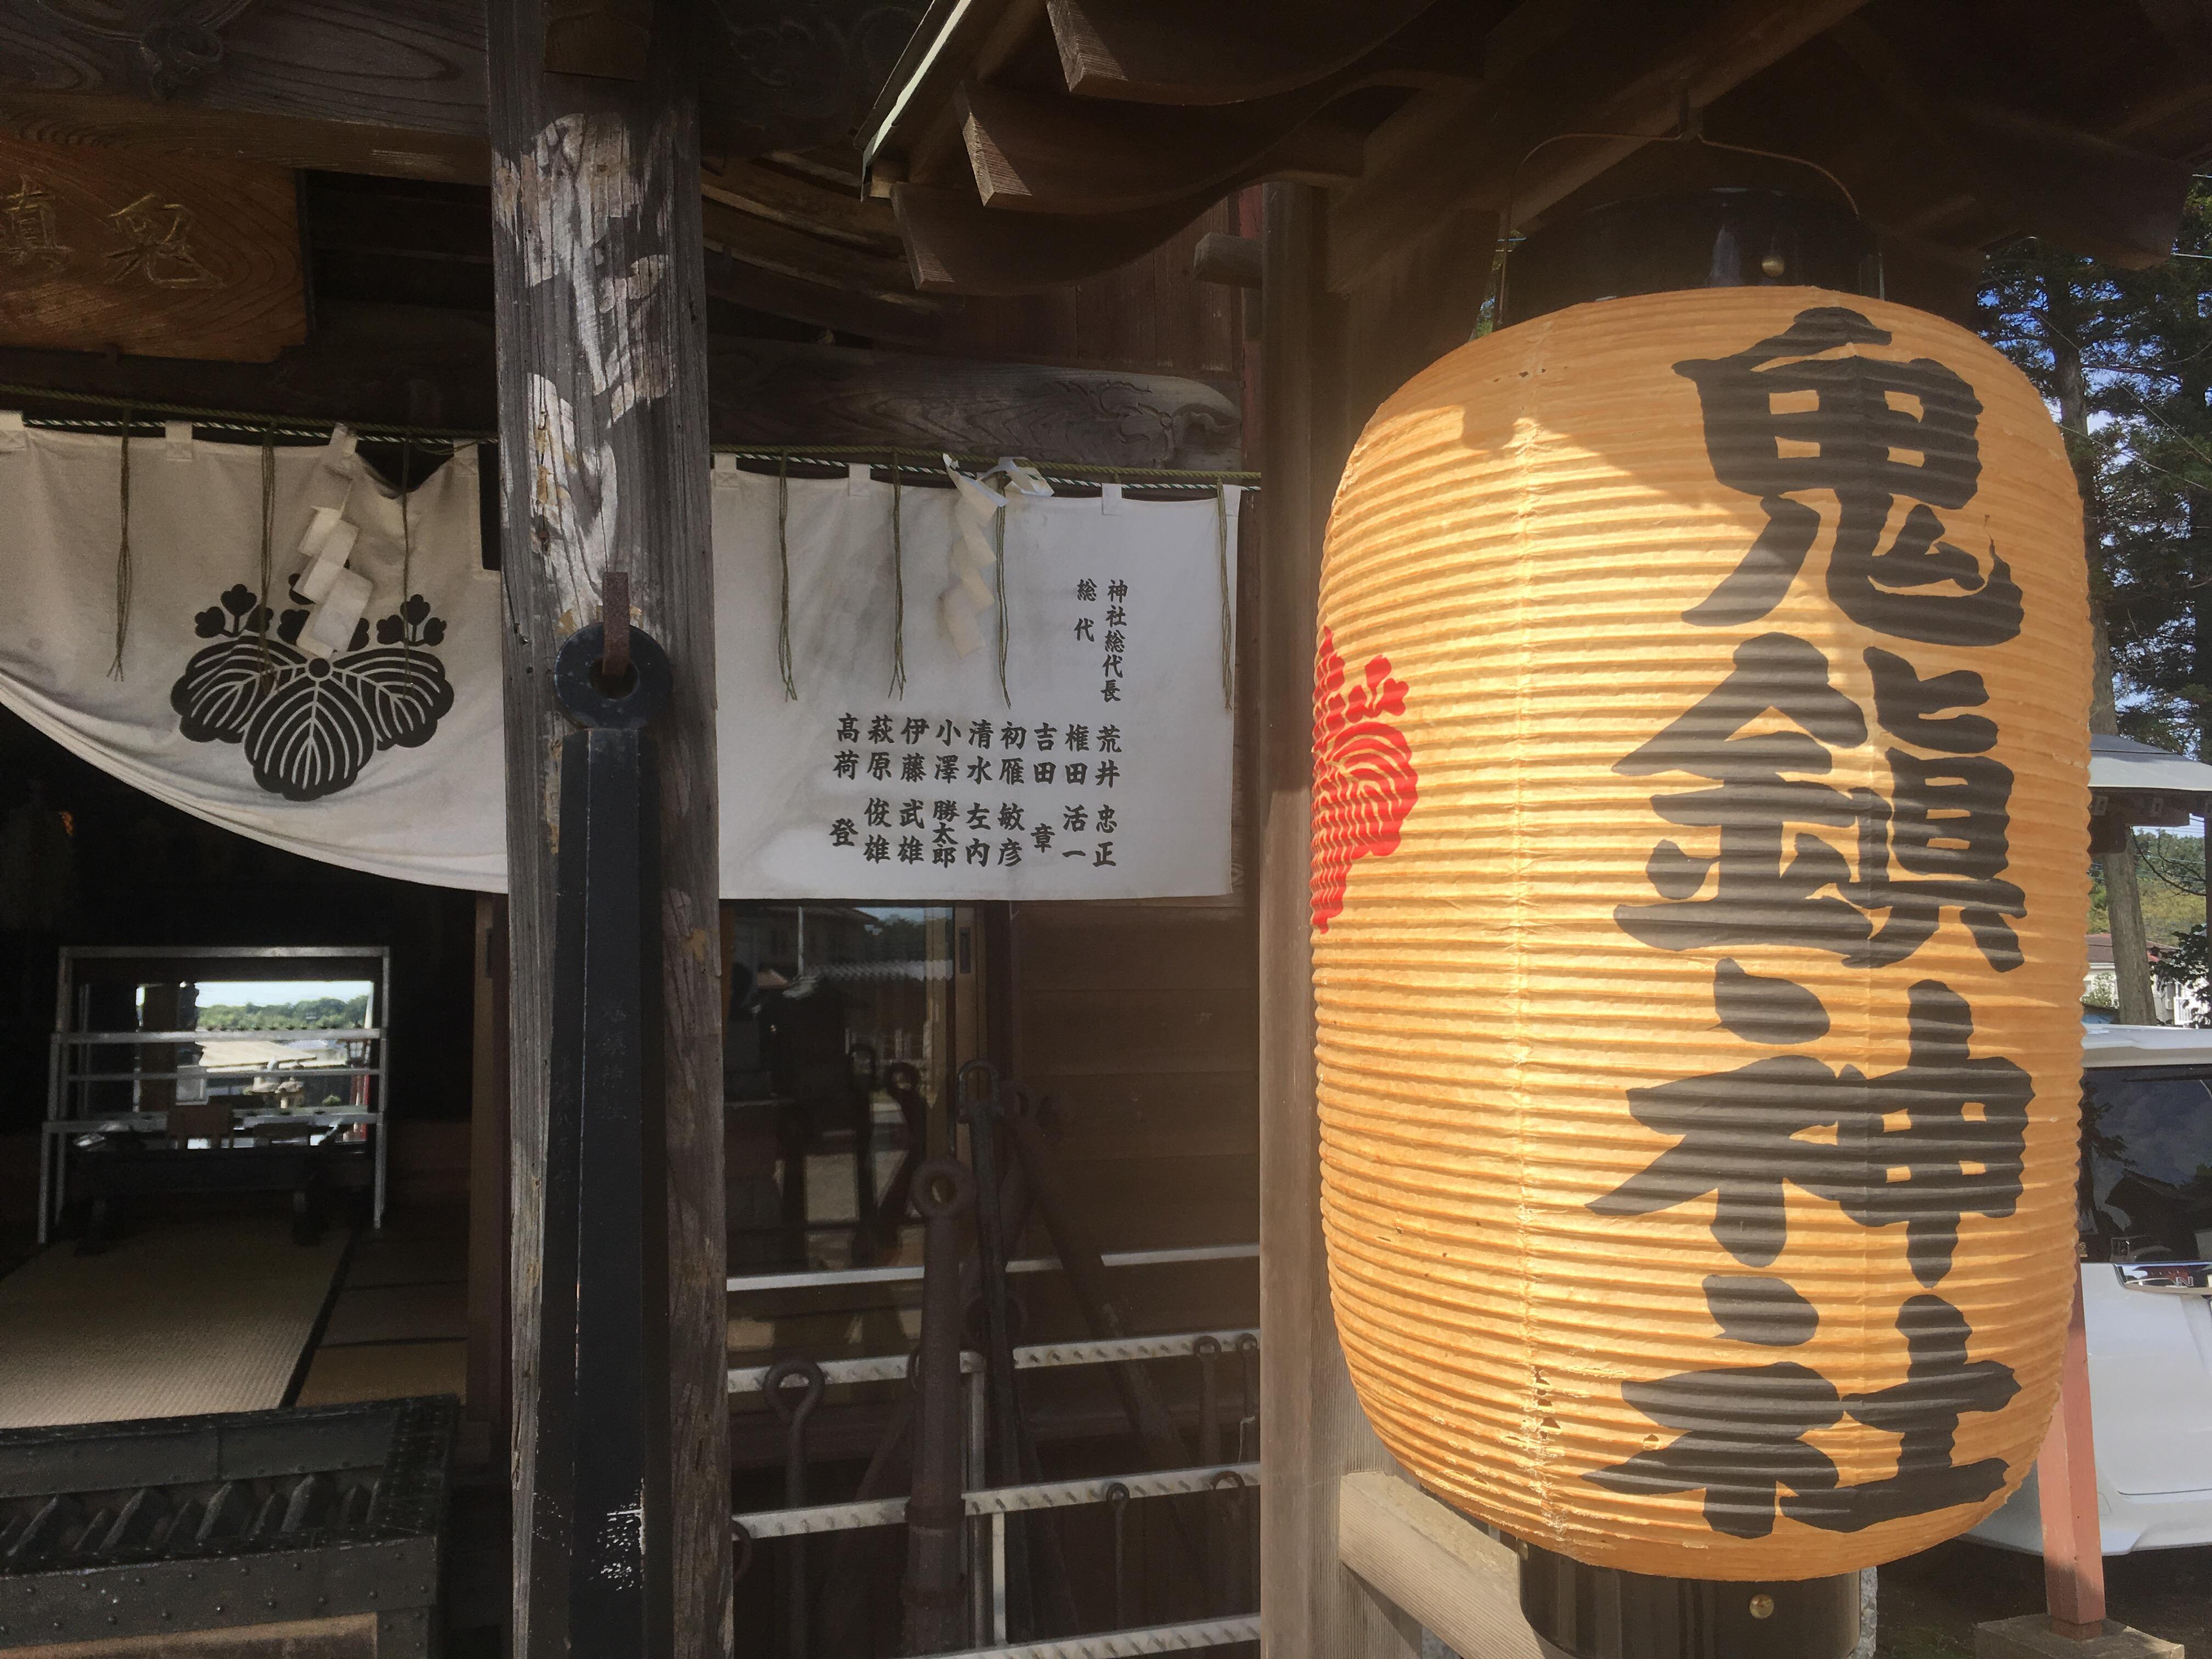 激レア!埼玉は嵐山町にある鬼を祀る「鬼鎮神社」に行ってみた。